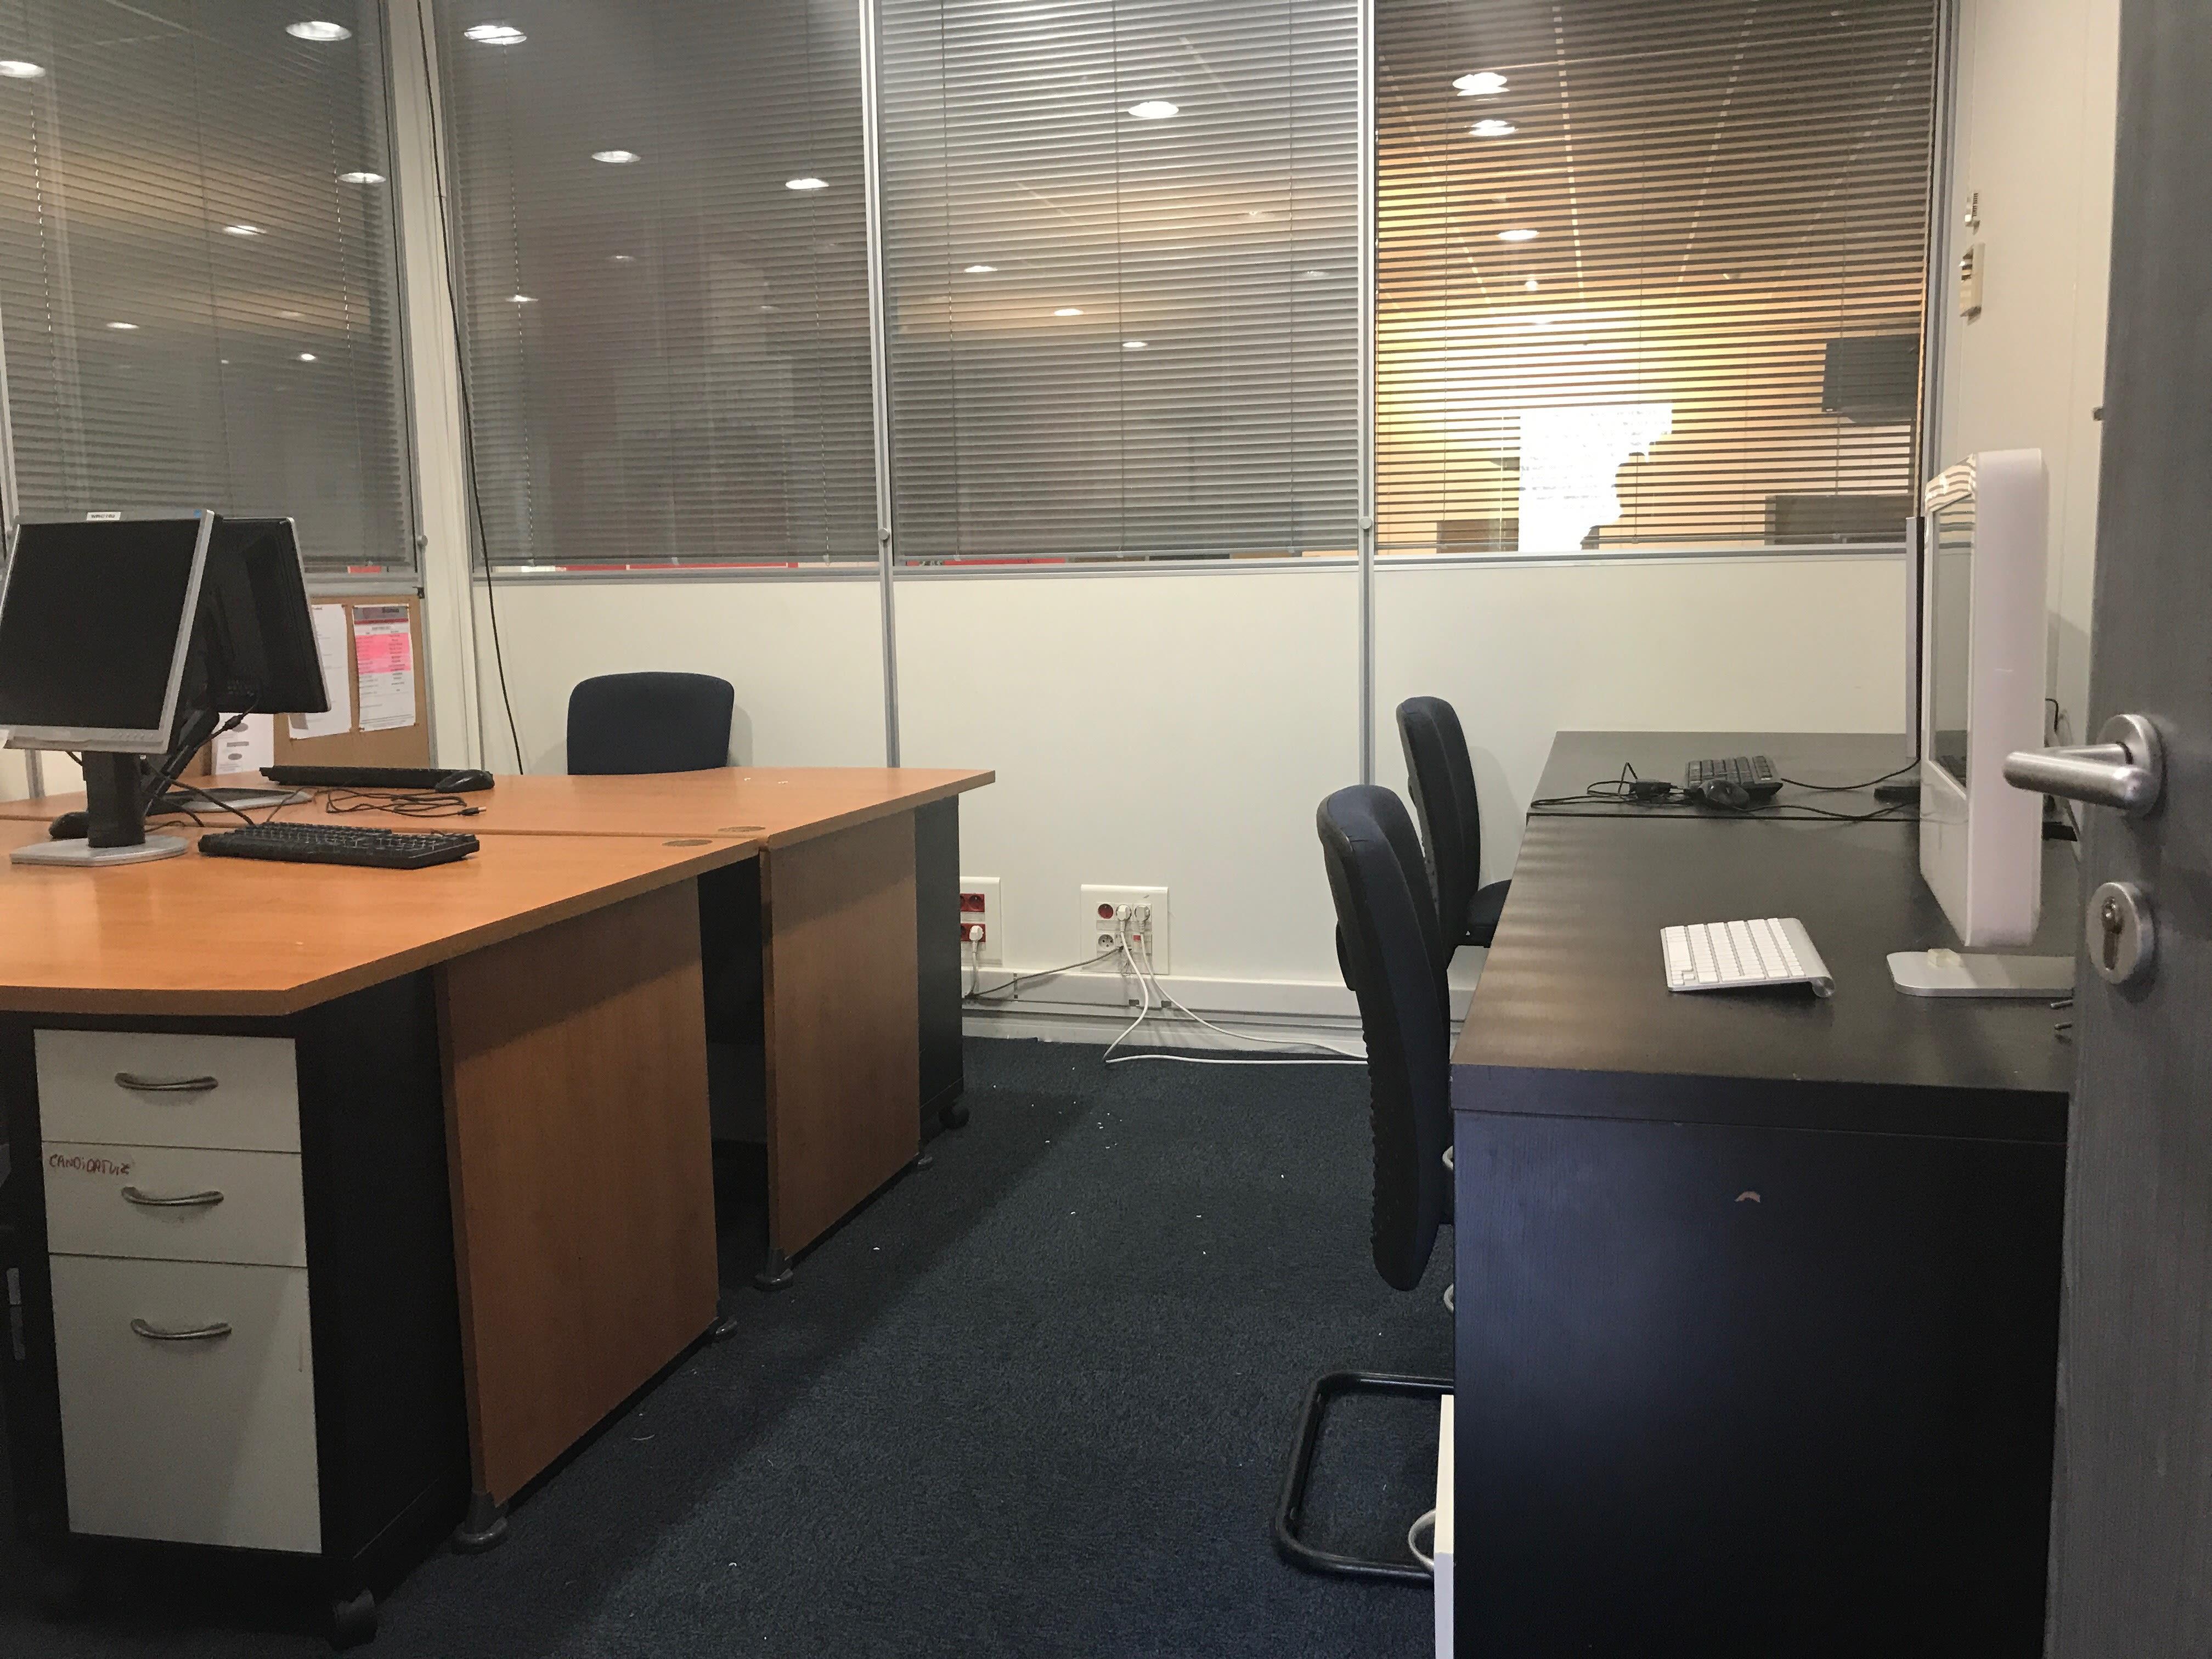 bureau privatif de 4 personnes à Nanterre